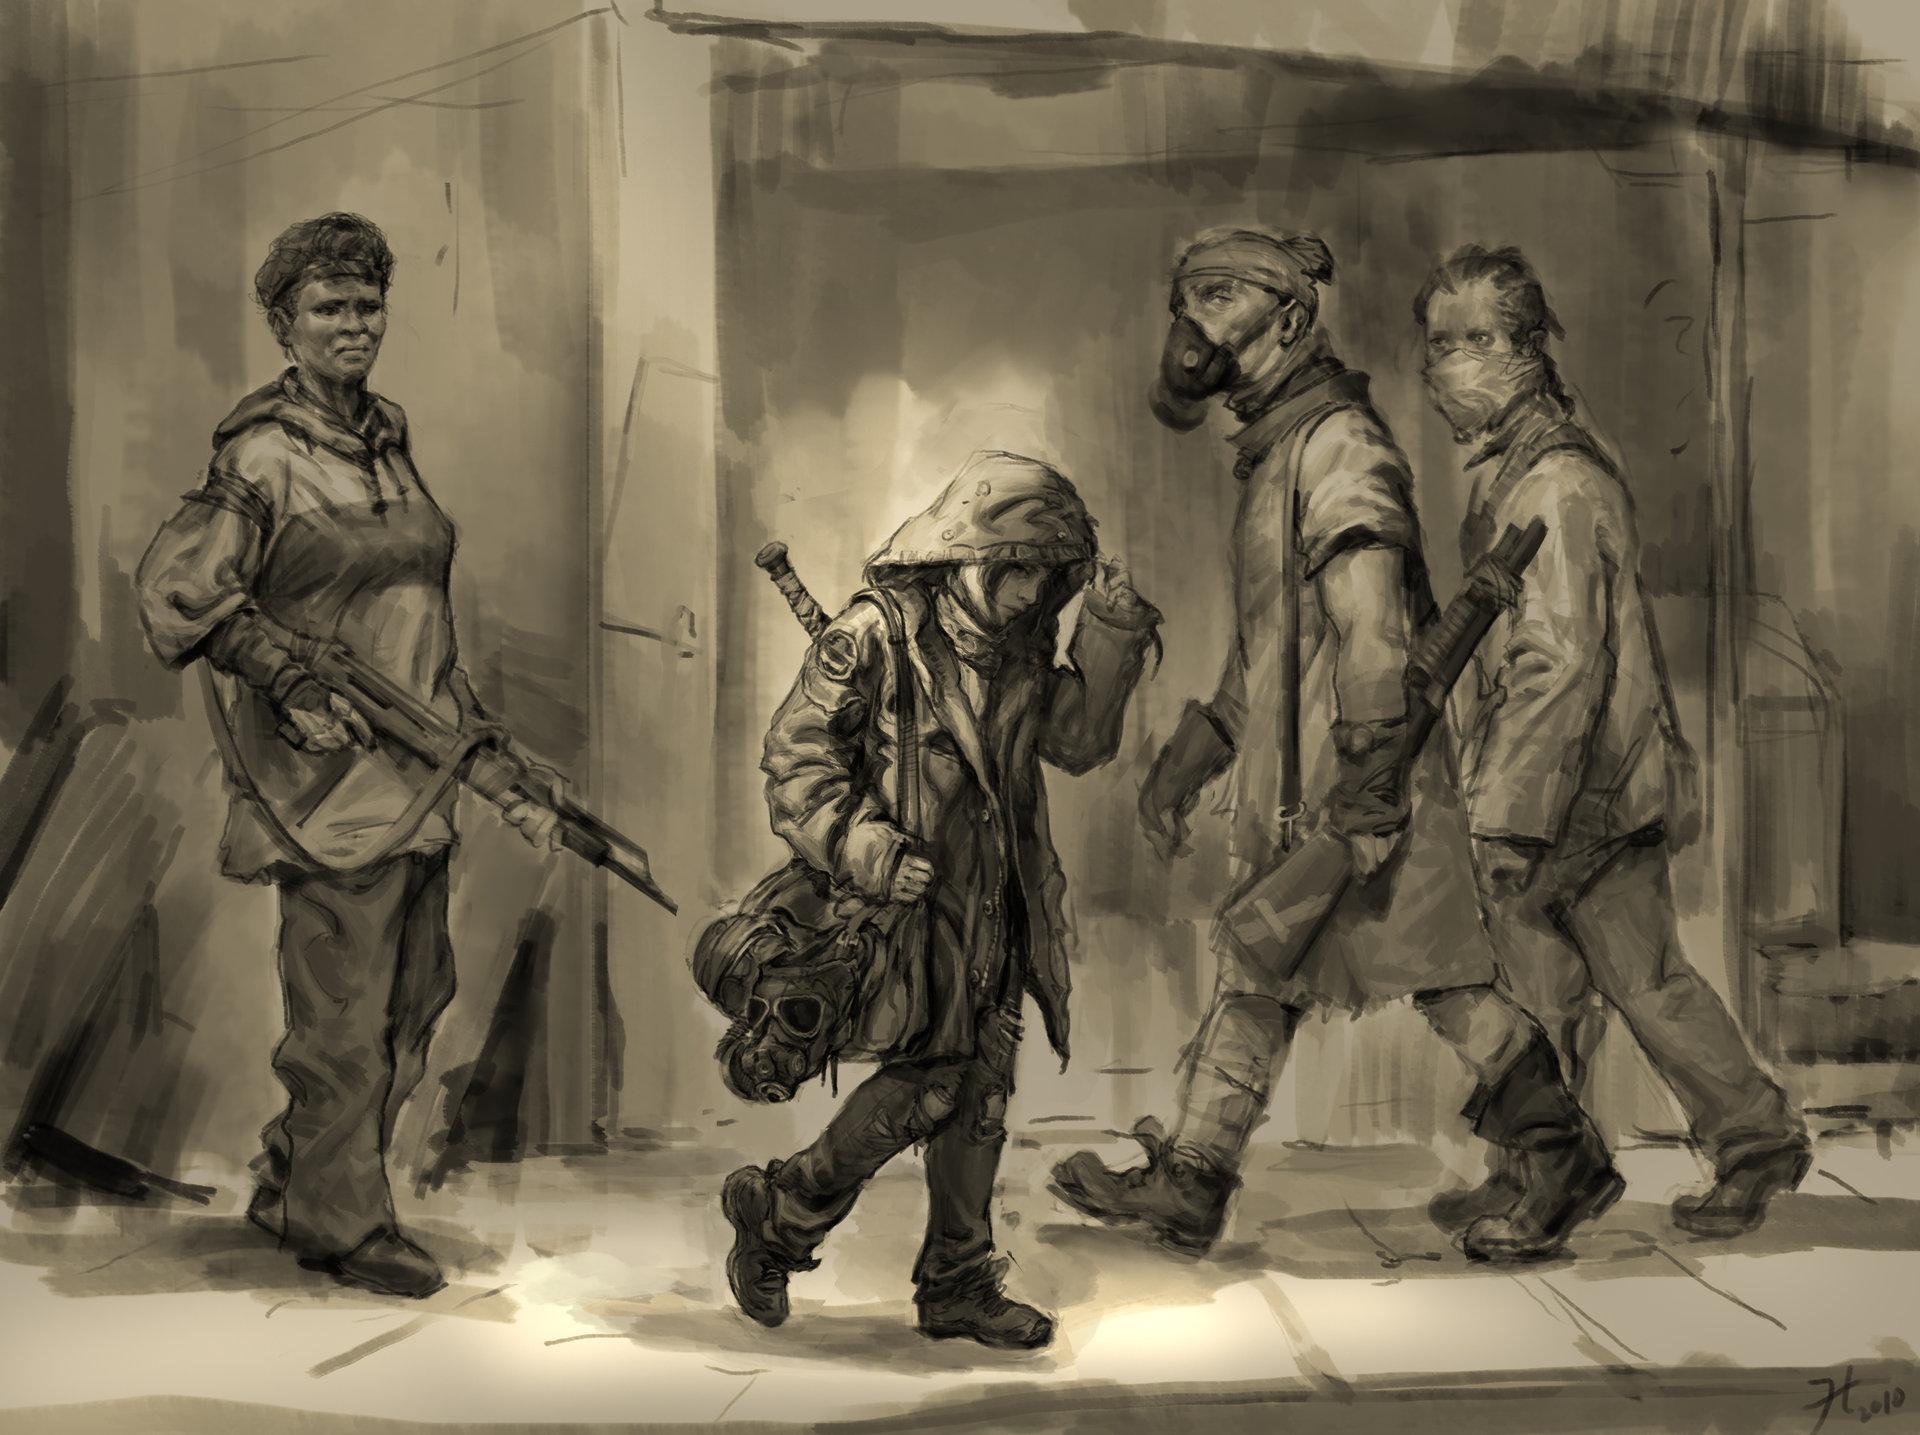 Heroine sketch hn 10